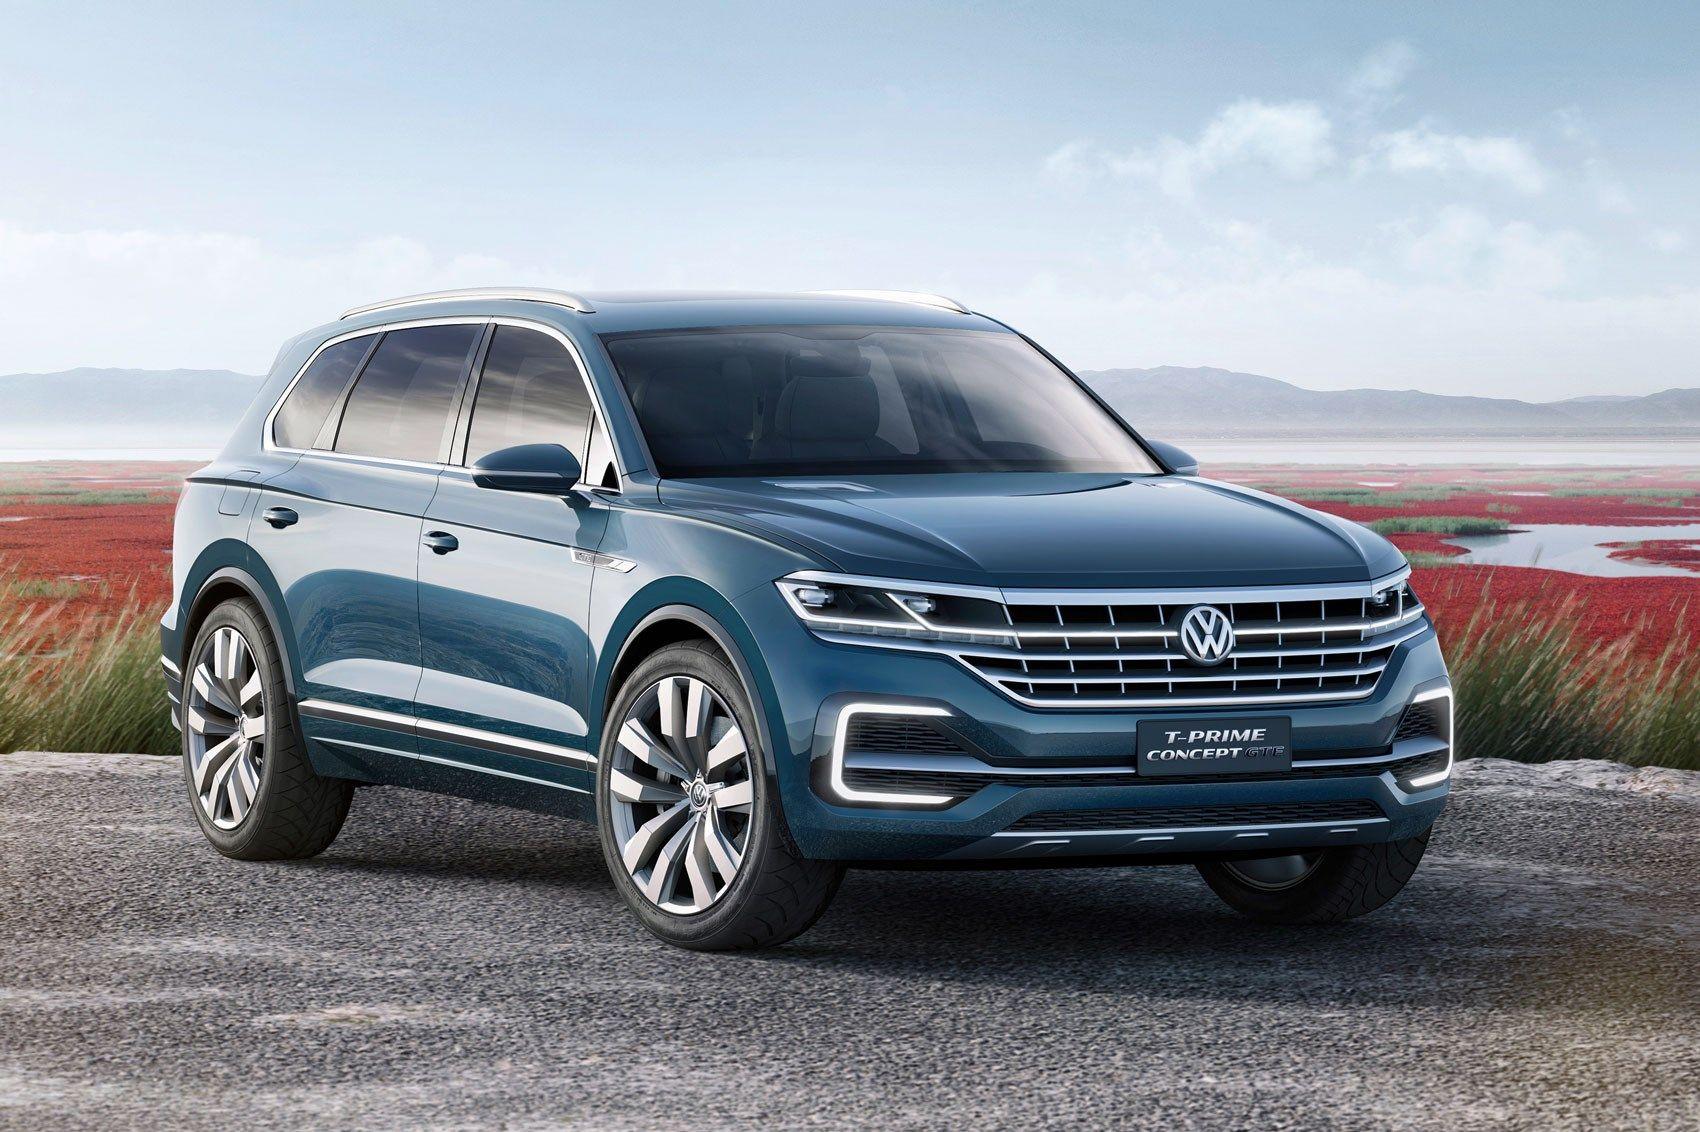 2018 Volkswagen Touareg Volkswagen